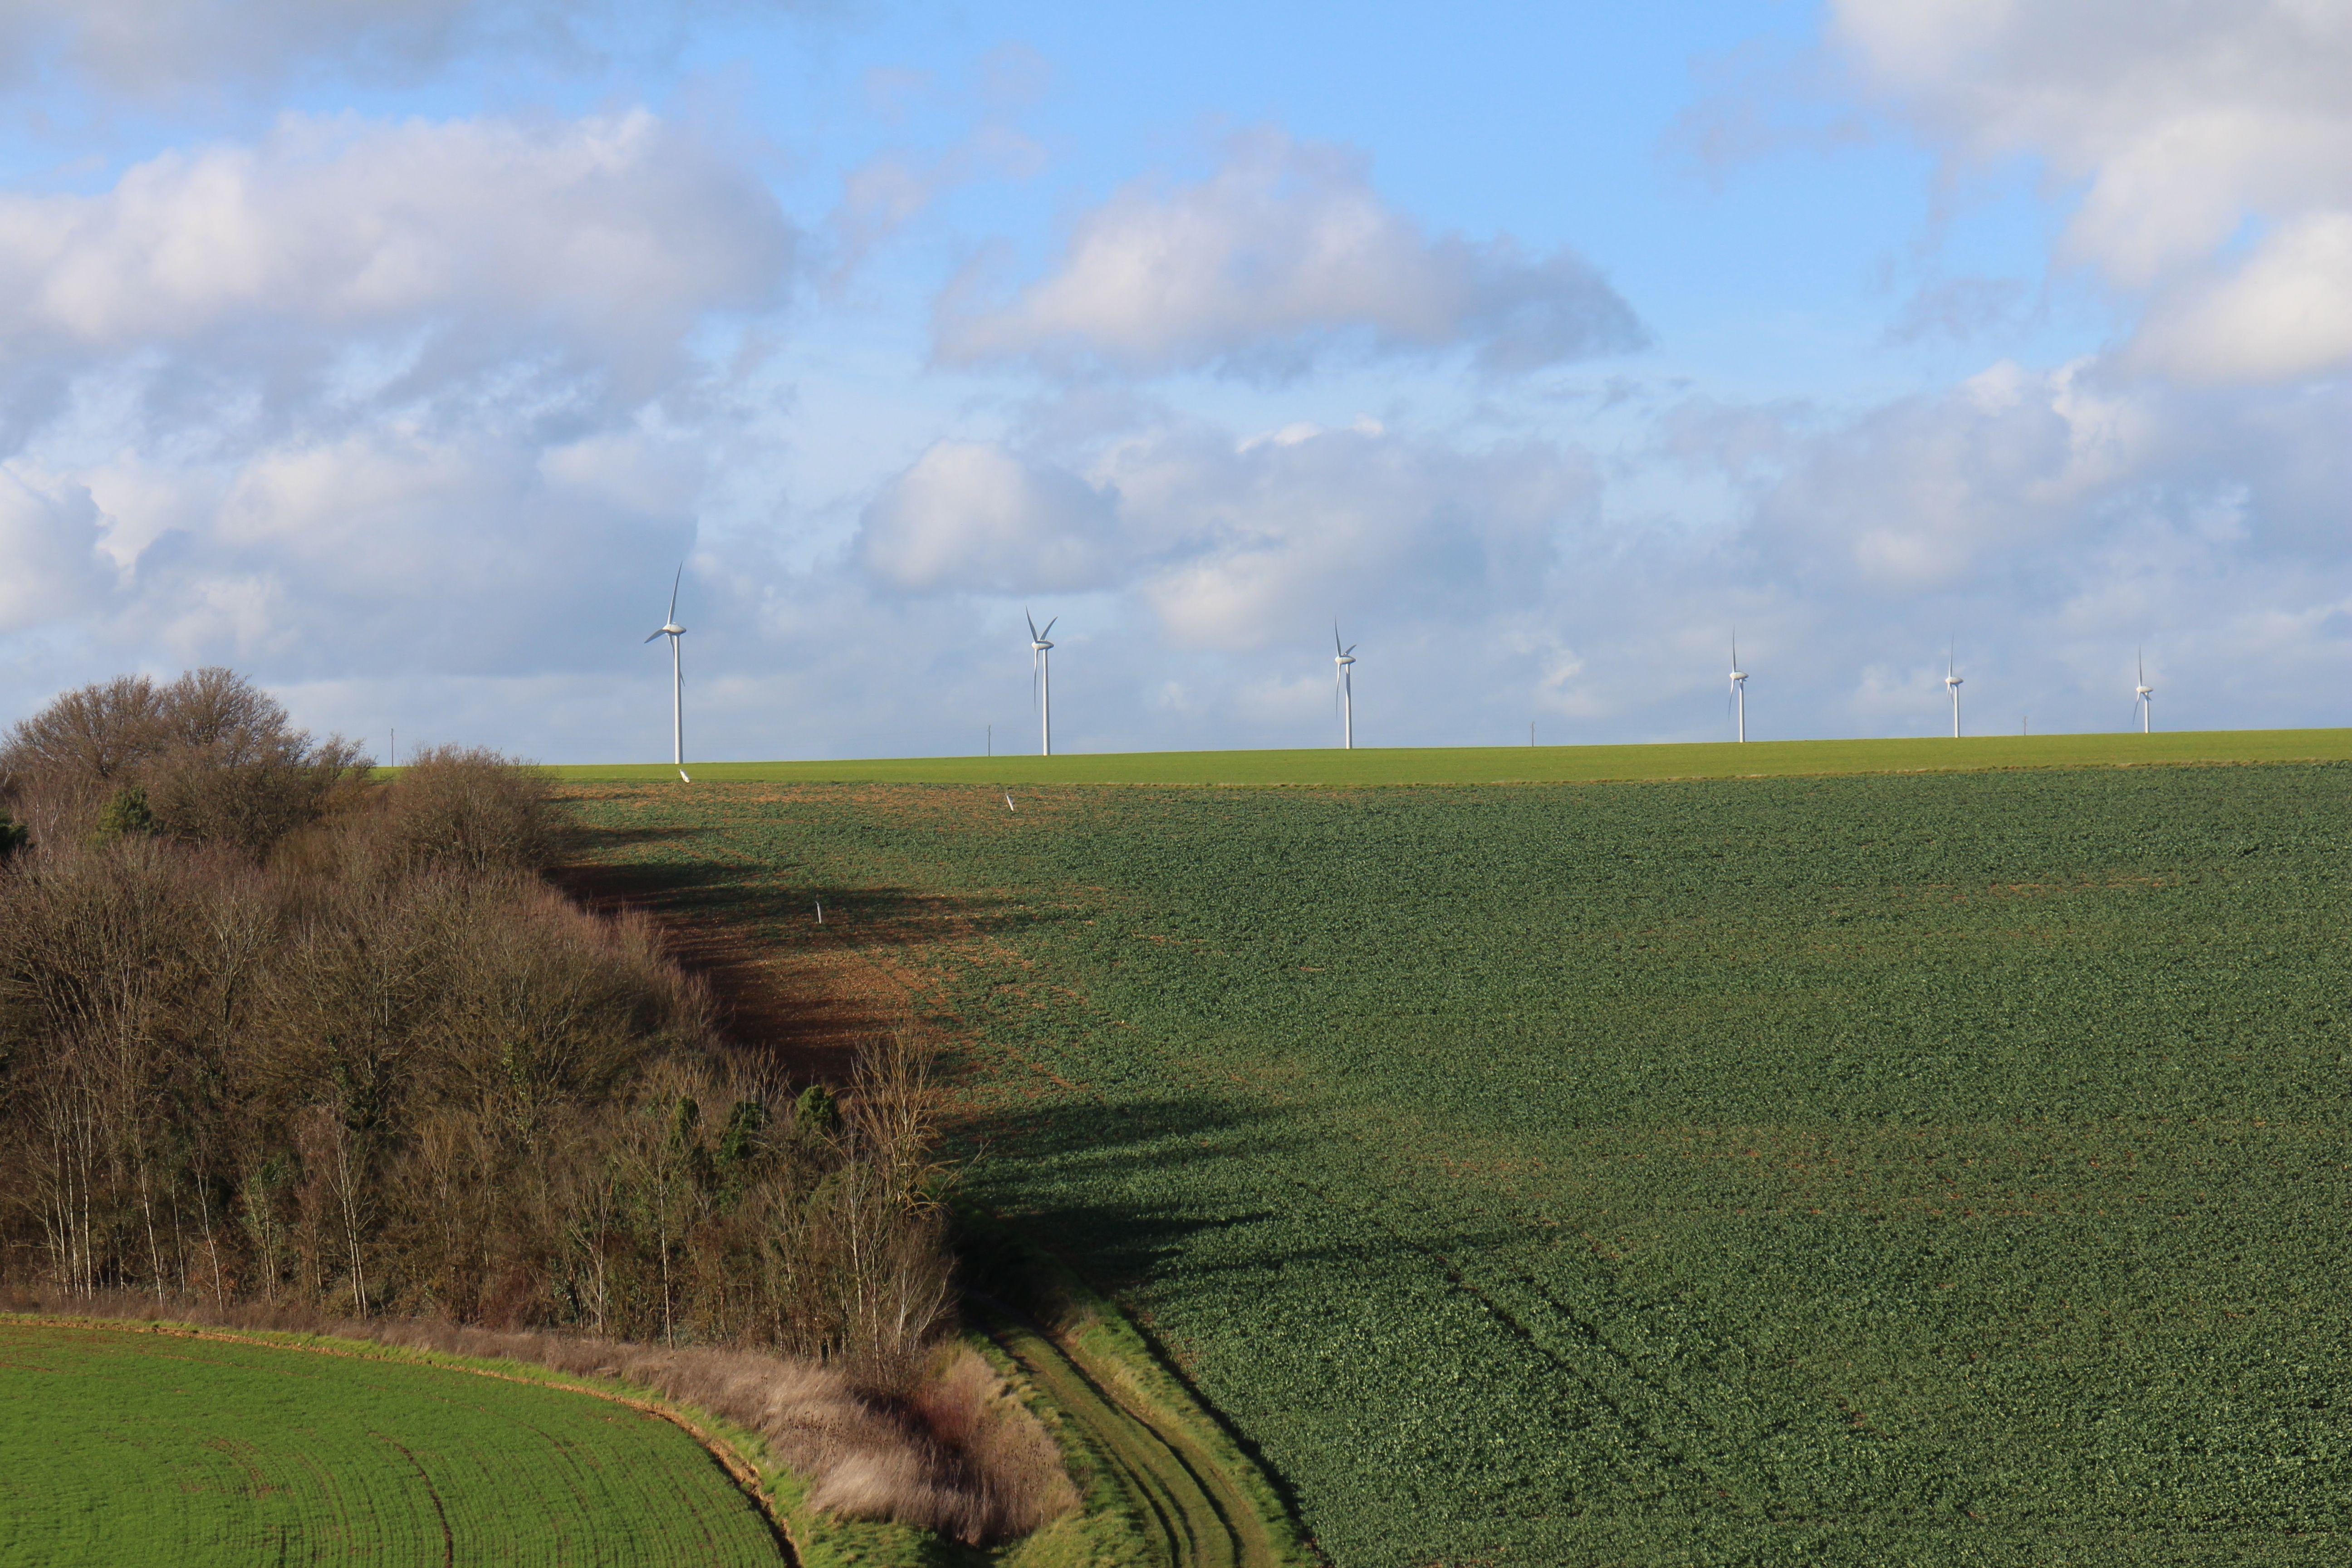 Tensions sur les prix, PAC, normes environnementales... Que peut espérer le monde agricole en 2018 en France ?